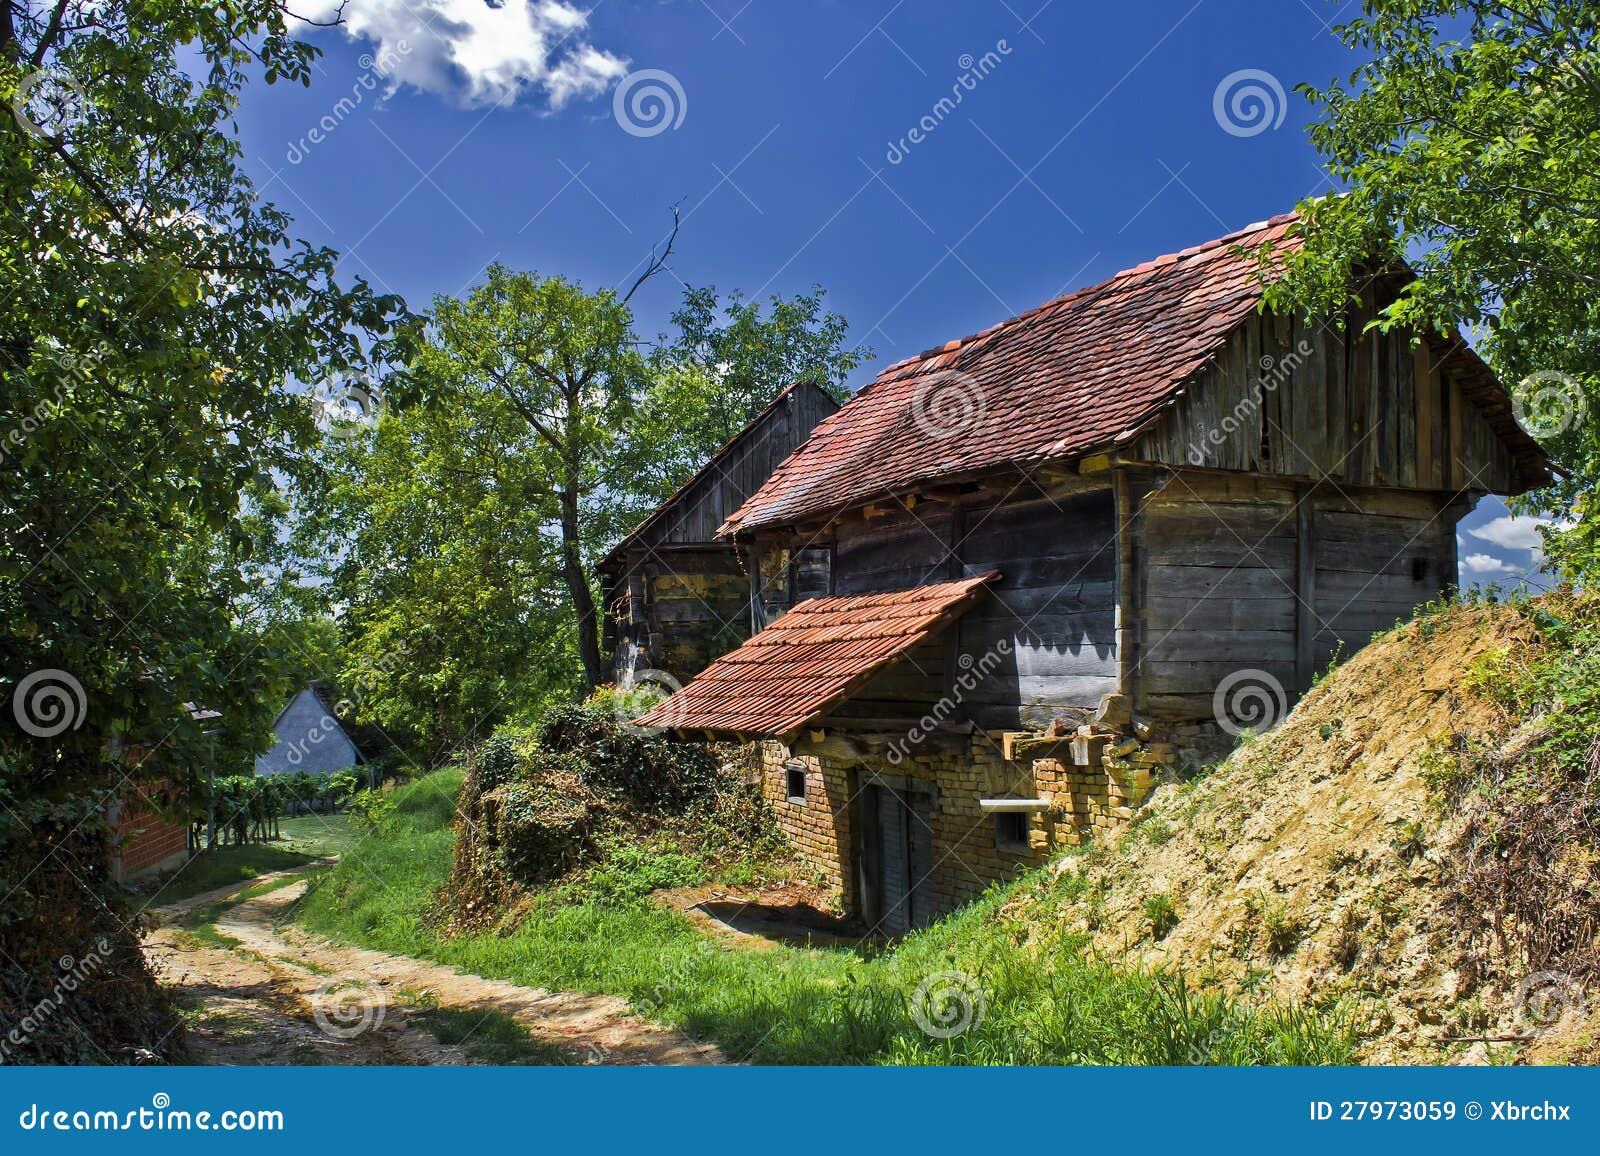 Wioska z drewnianymi chałupami